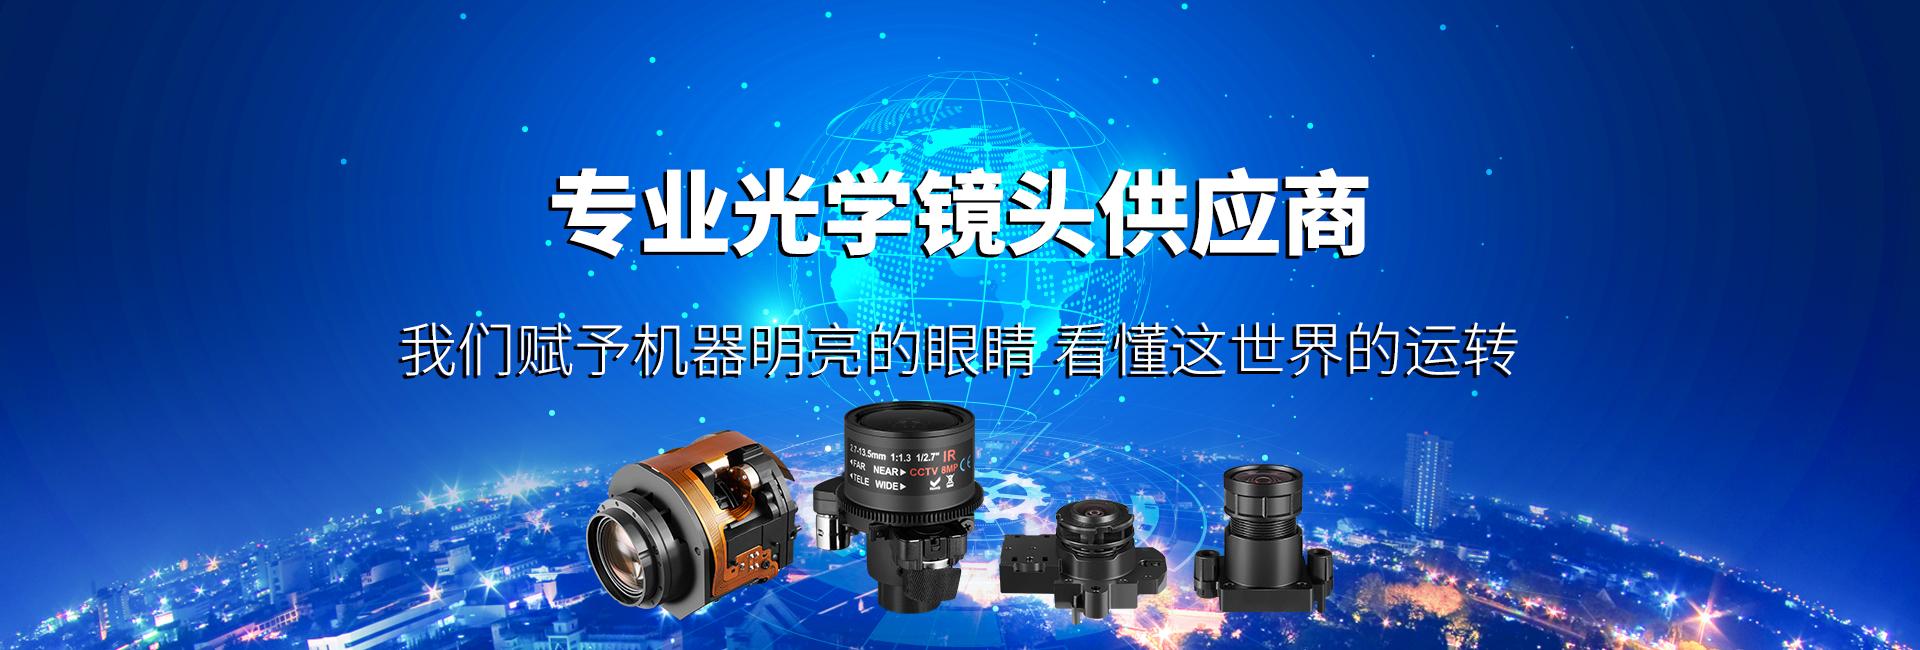 专业光学镜头供应商